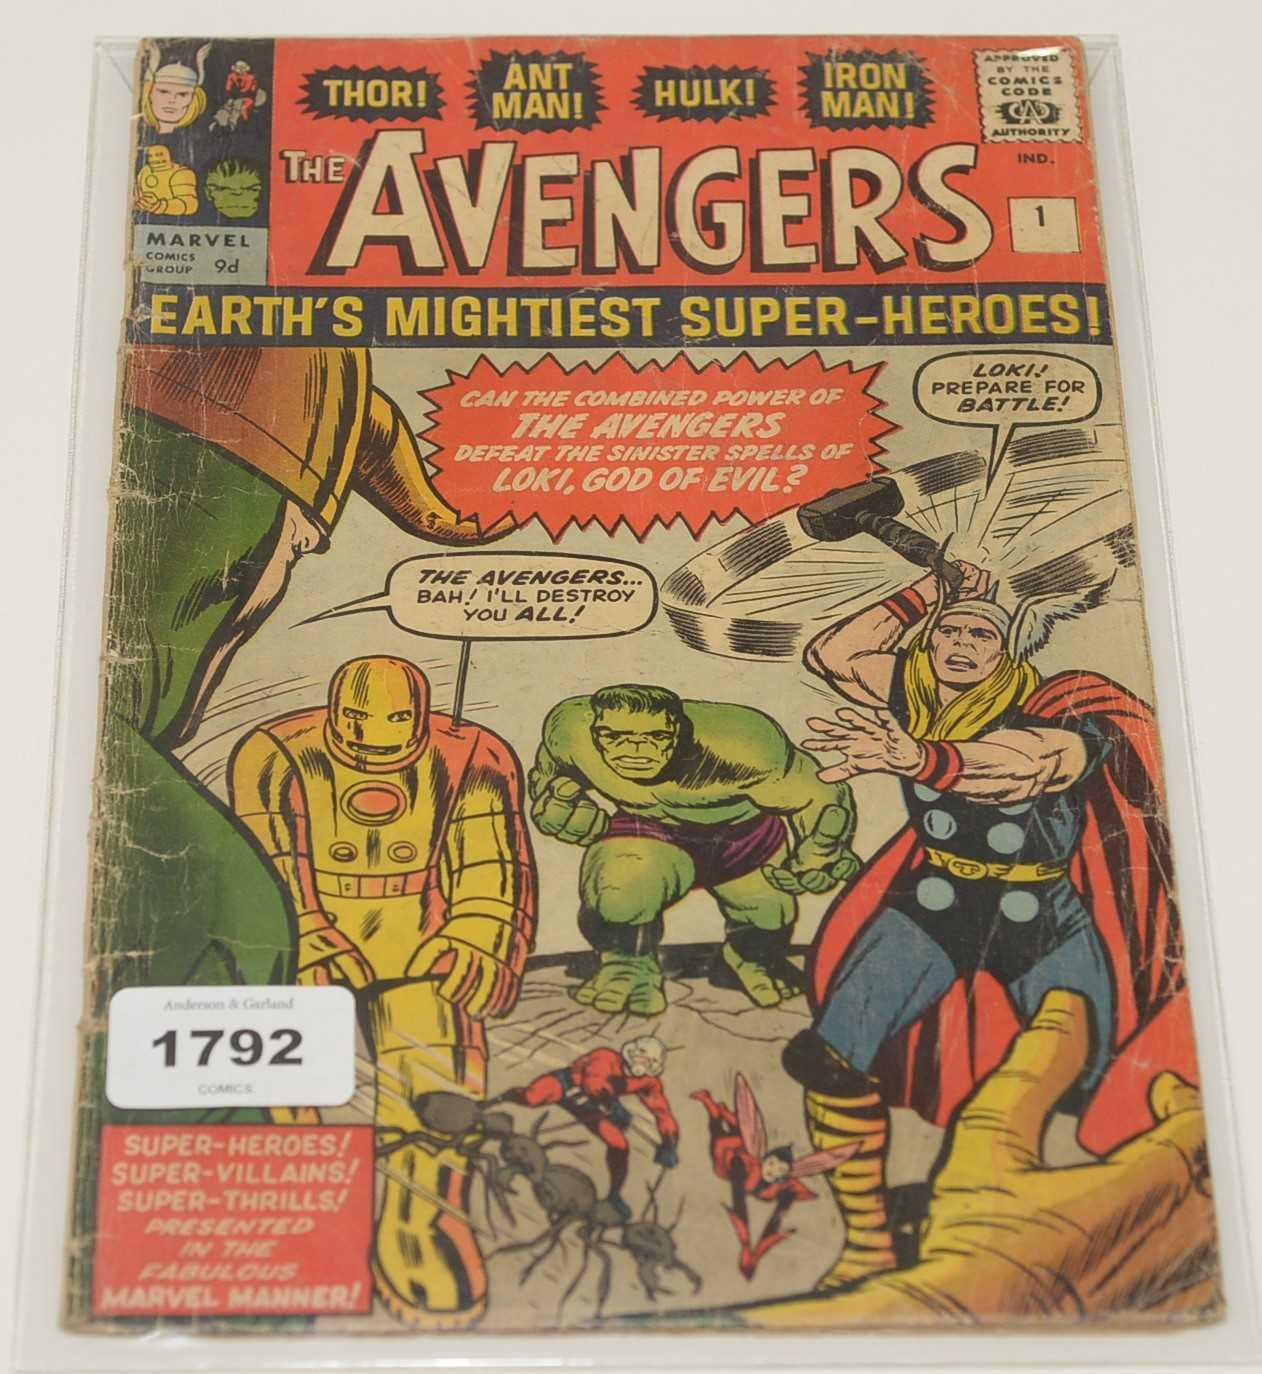 Lot 1792 - The Avengers No.1 Comic